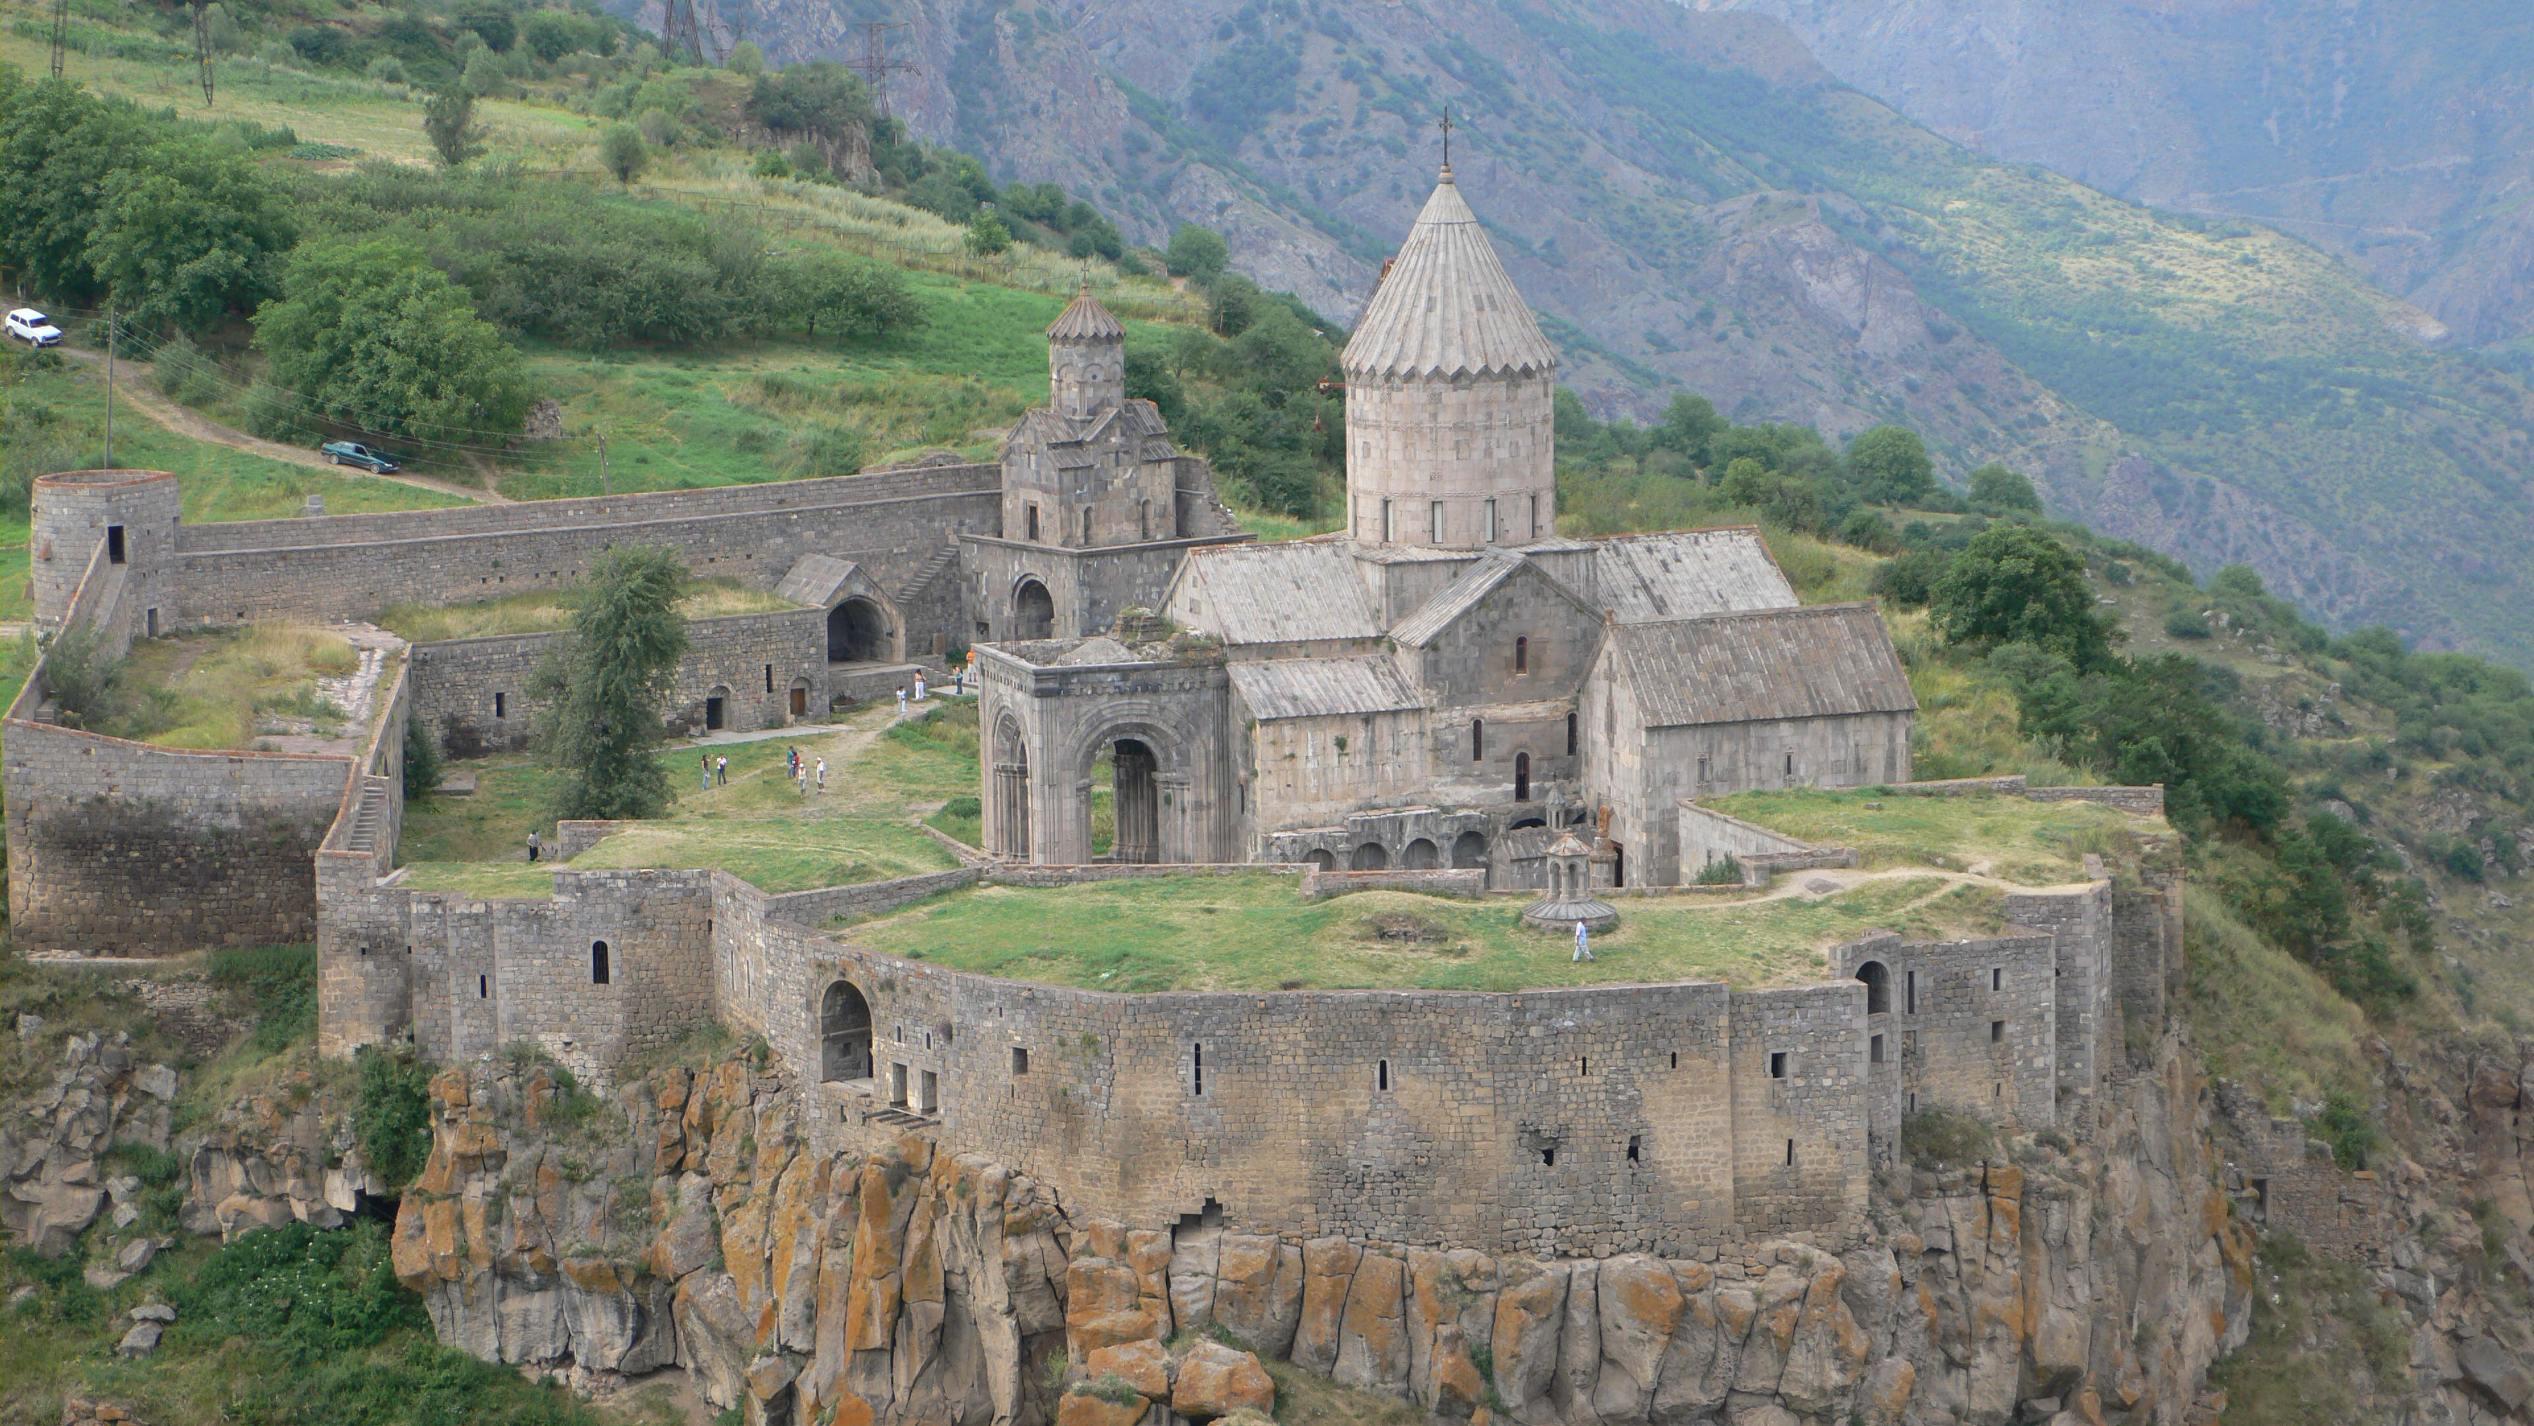 Татевский монастырь - армянский монастырский комплекс IX-X веков в Сюникском марзе Армении, в 20 км от города Горис. На протяжении столетий был духовным центром Сюника